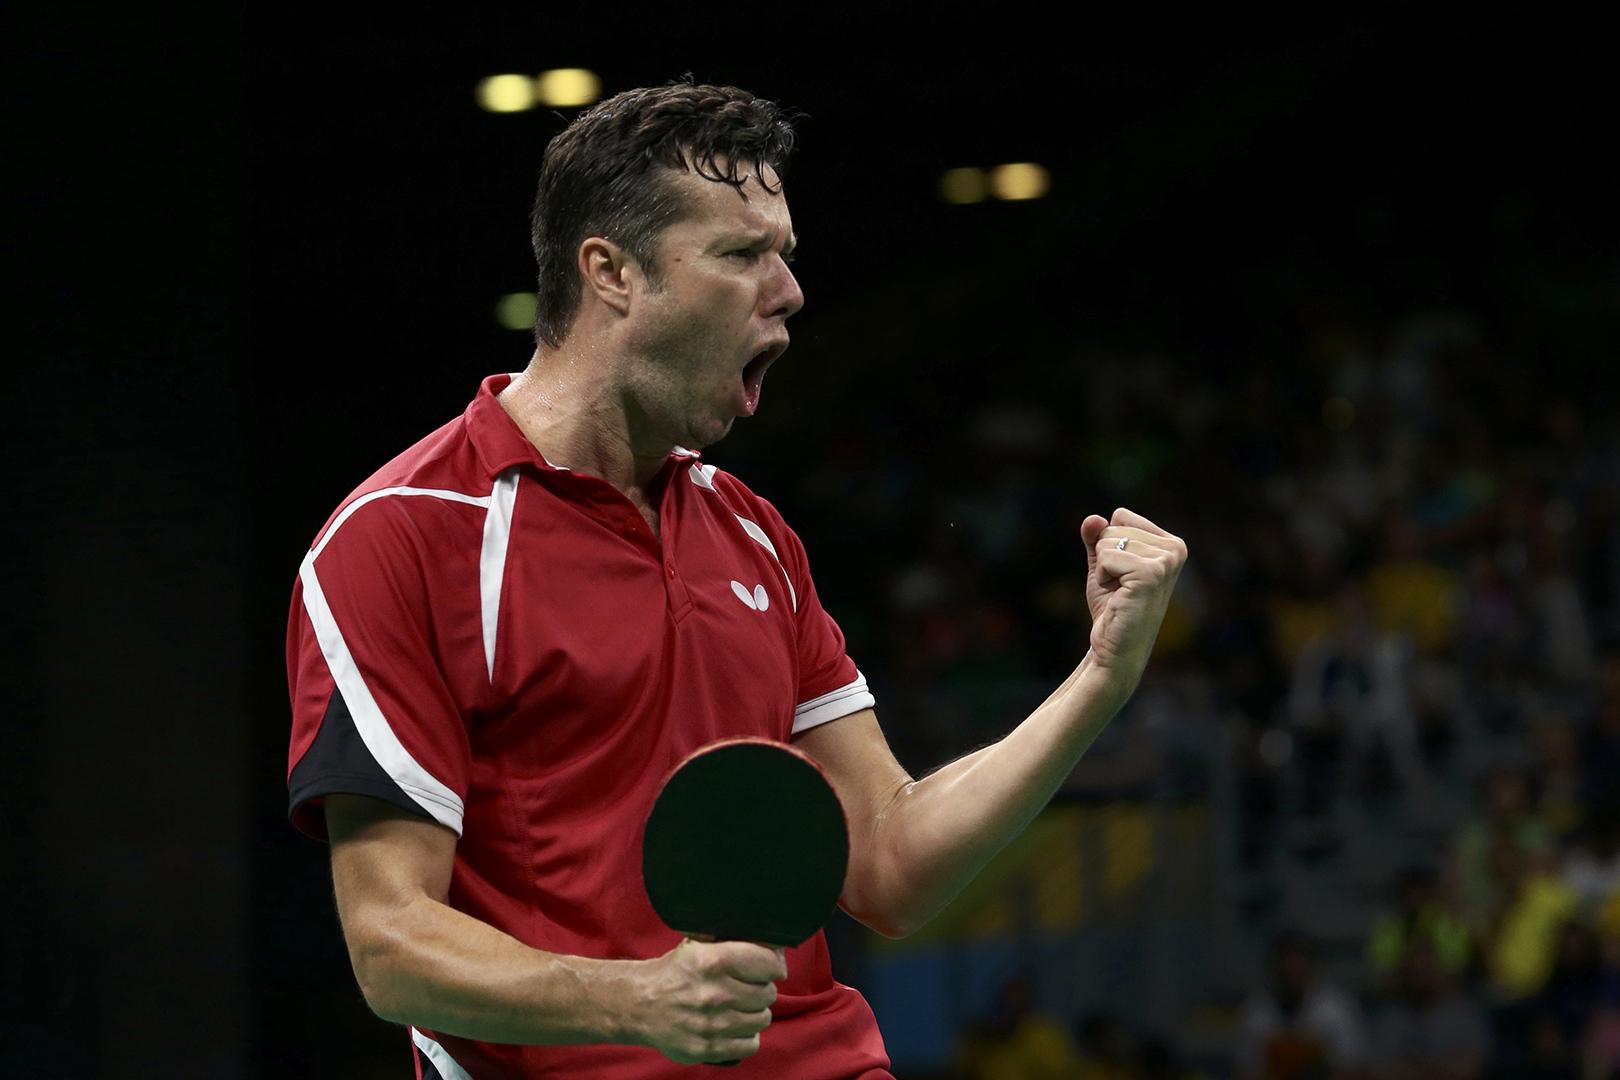 Владимир Самсонов проиграл вполуфинале ибудет сражаться забронзовую медаль